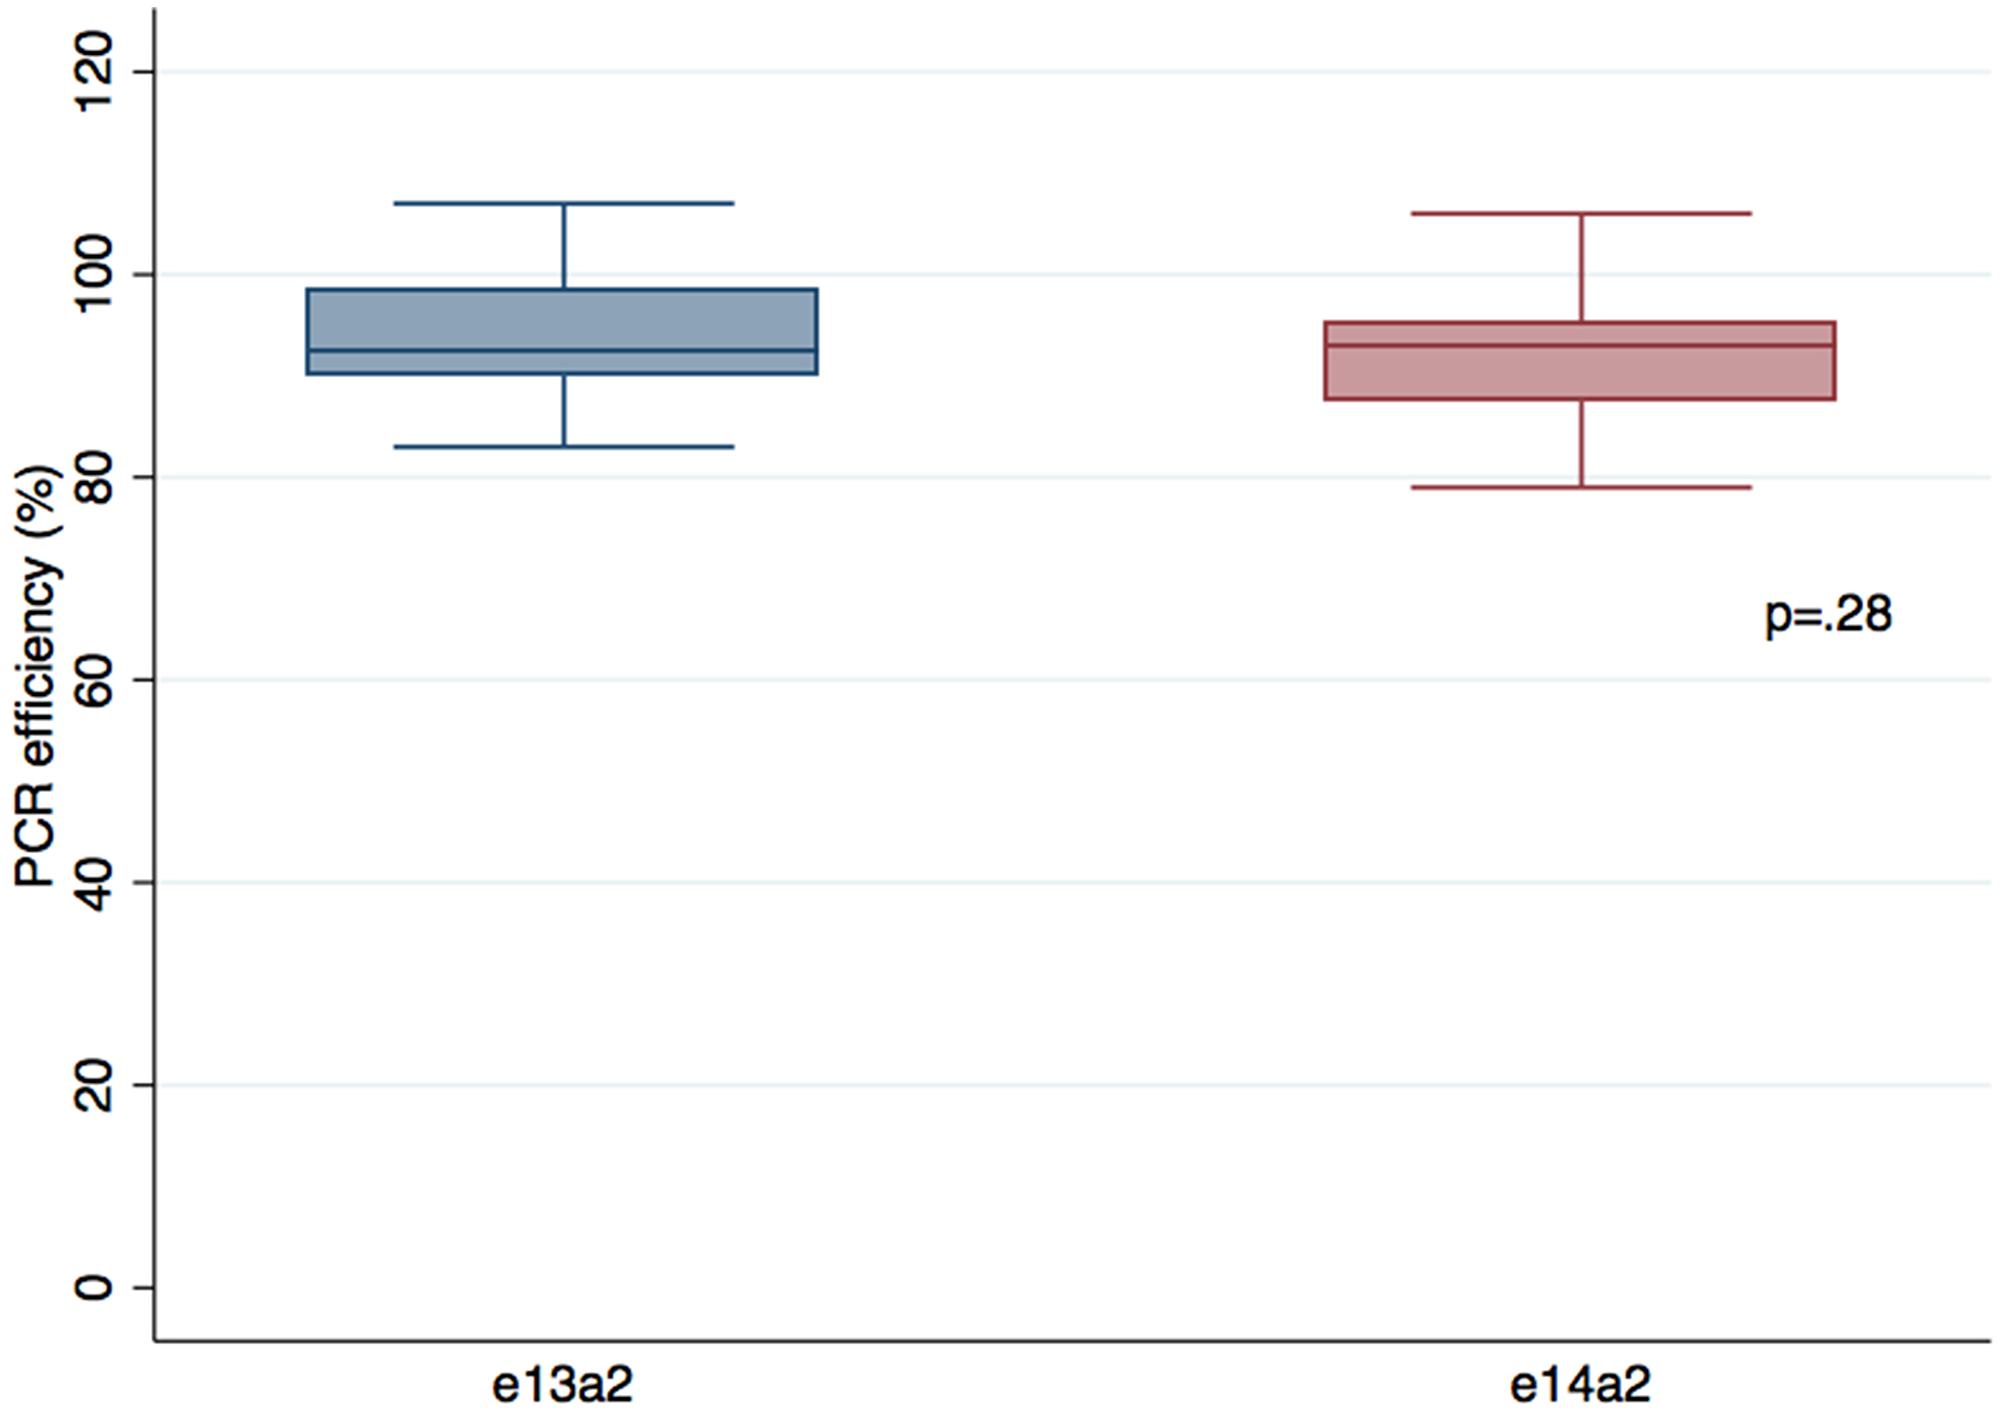 Comparison of PCR efficiencies between e13a2 and e14a2 transcripts.